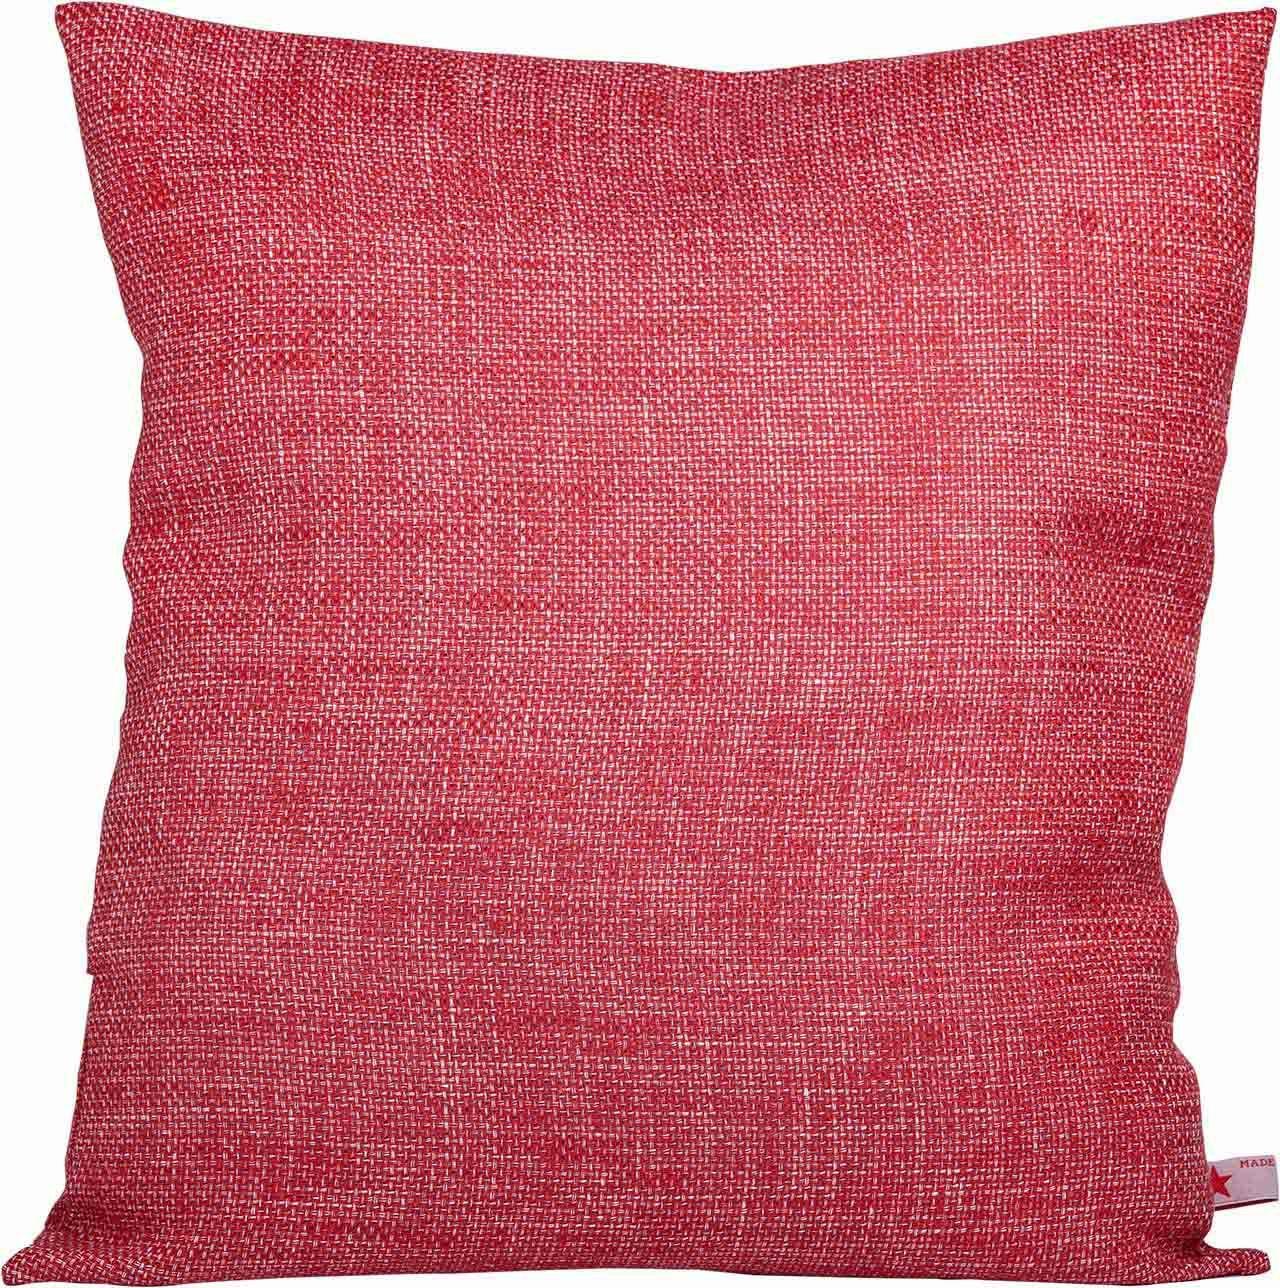 Kissen In Rot Weiss Frische Farben Fur Ihr Wohnzimmer Oder Auch Die Kuche Stoffart